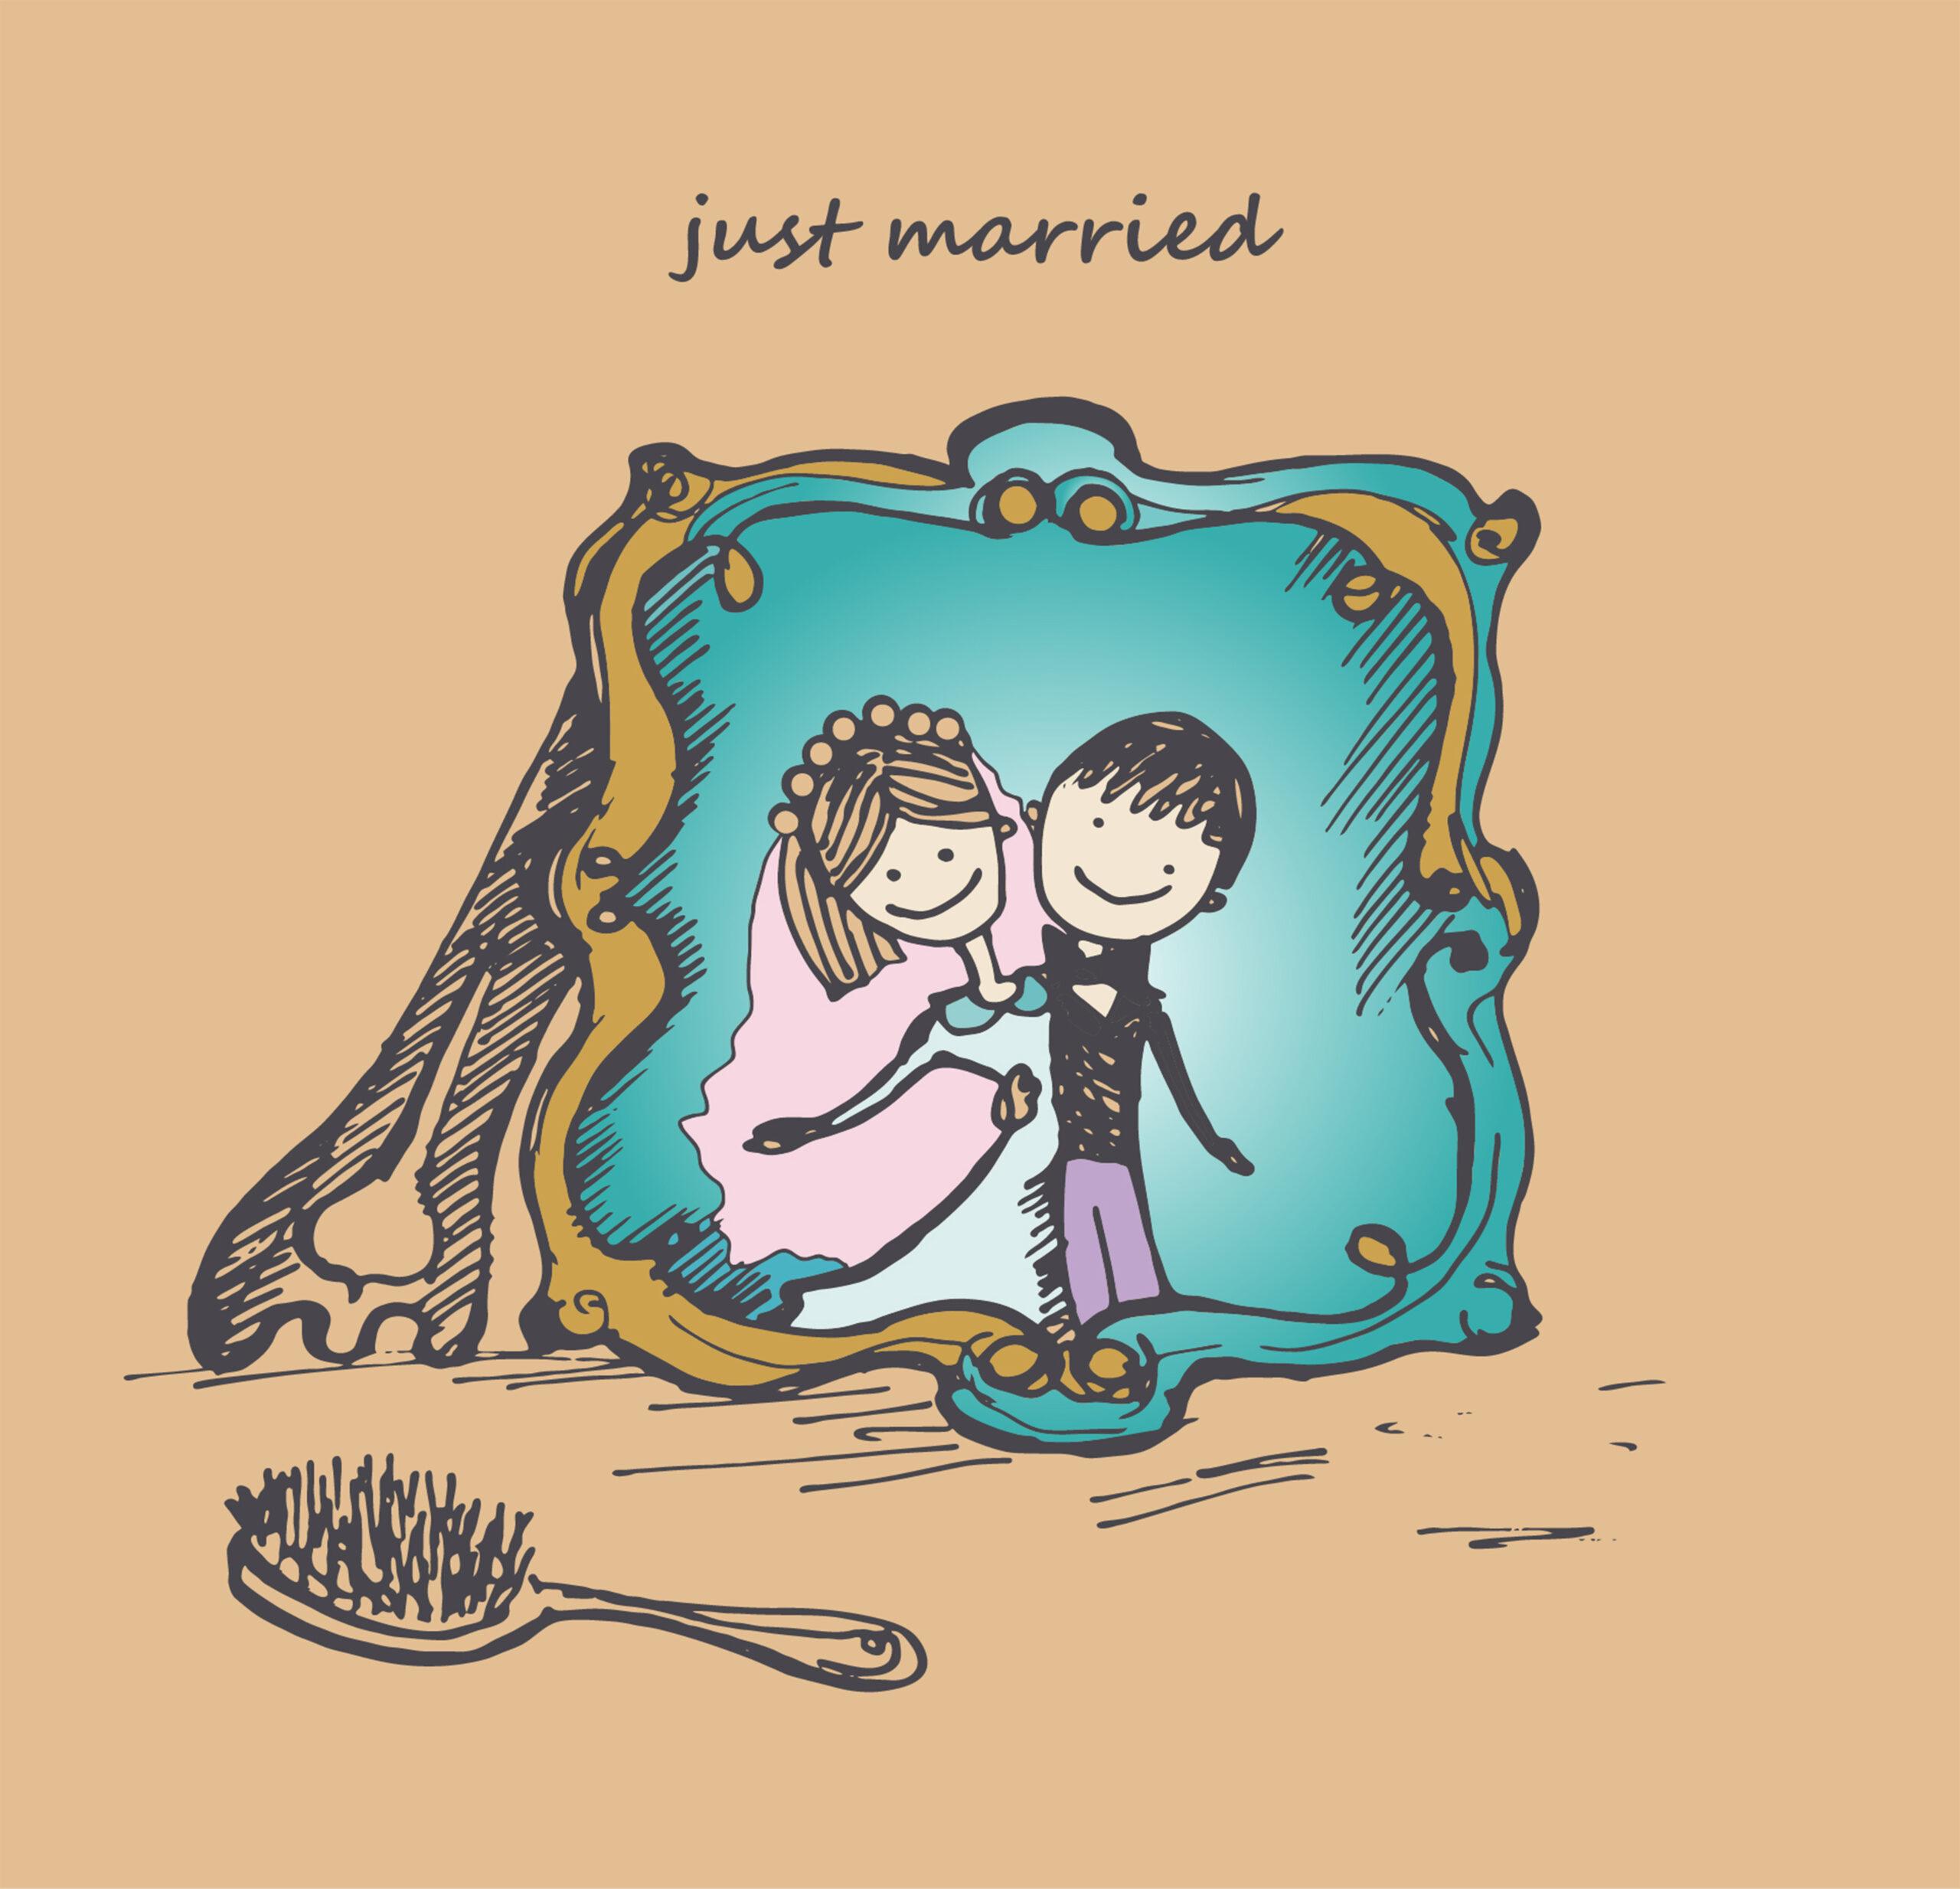 特別な記念日に結婚式を